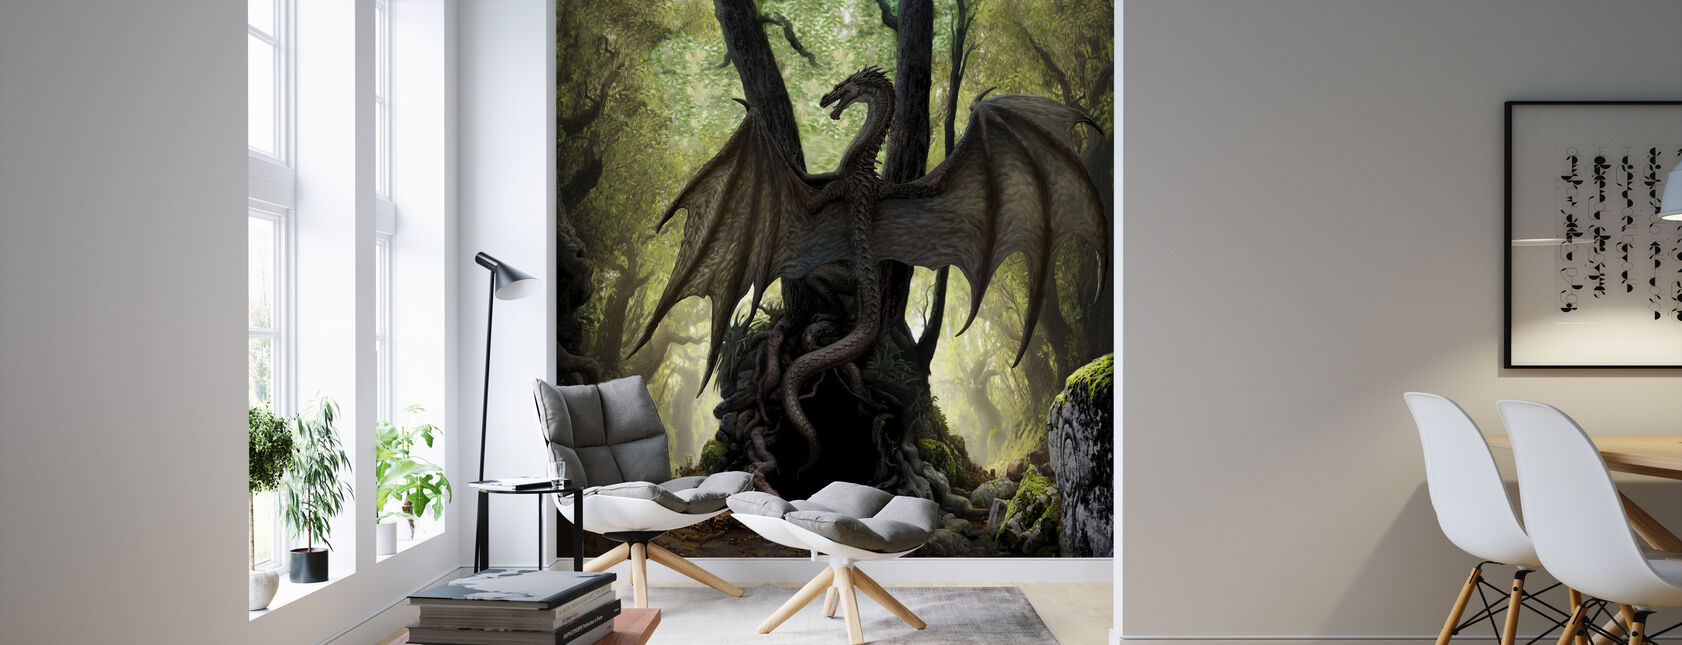 Cave - Wallpaper - Living Room